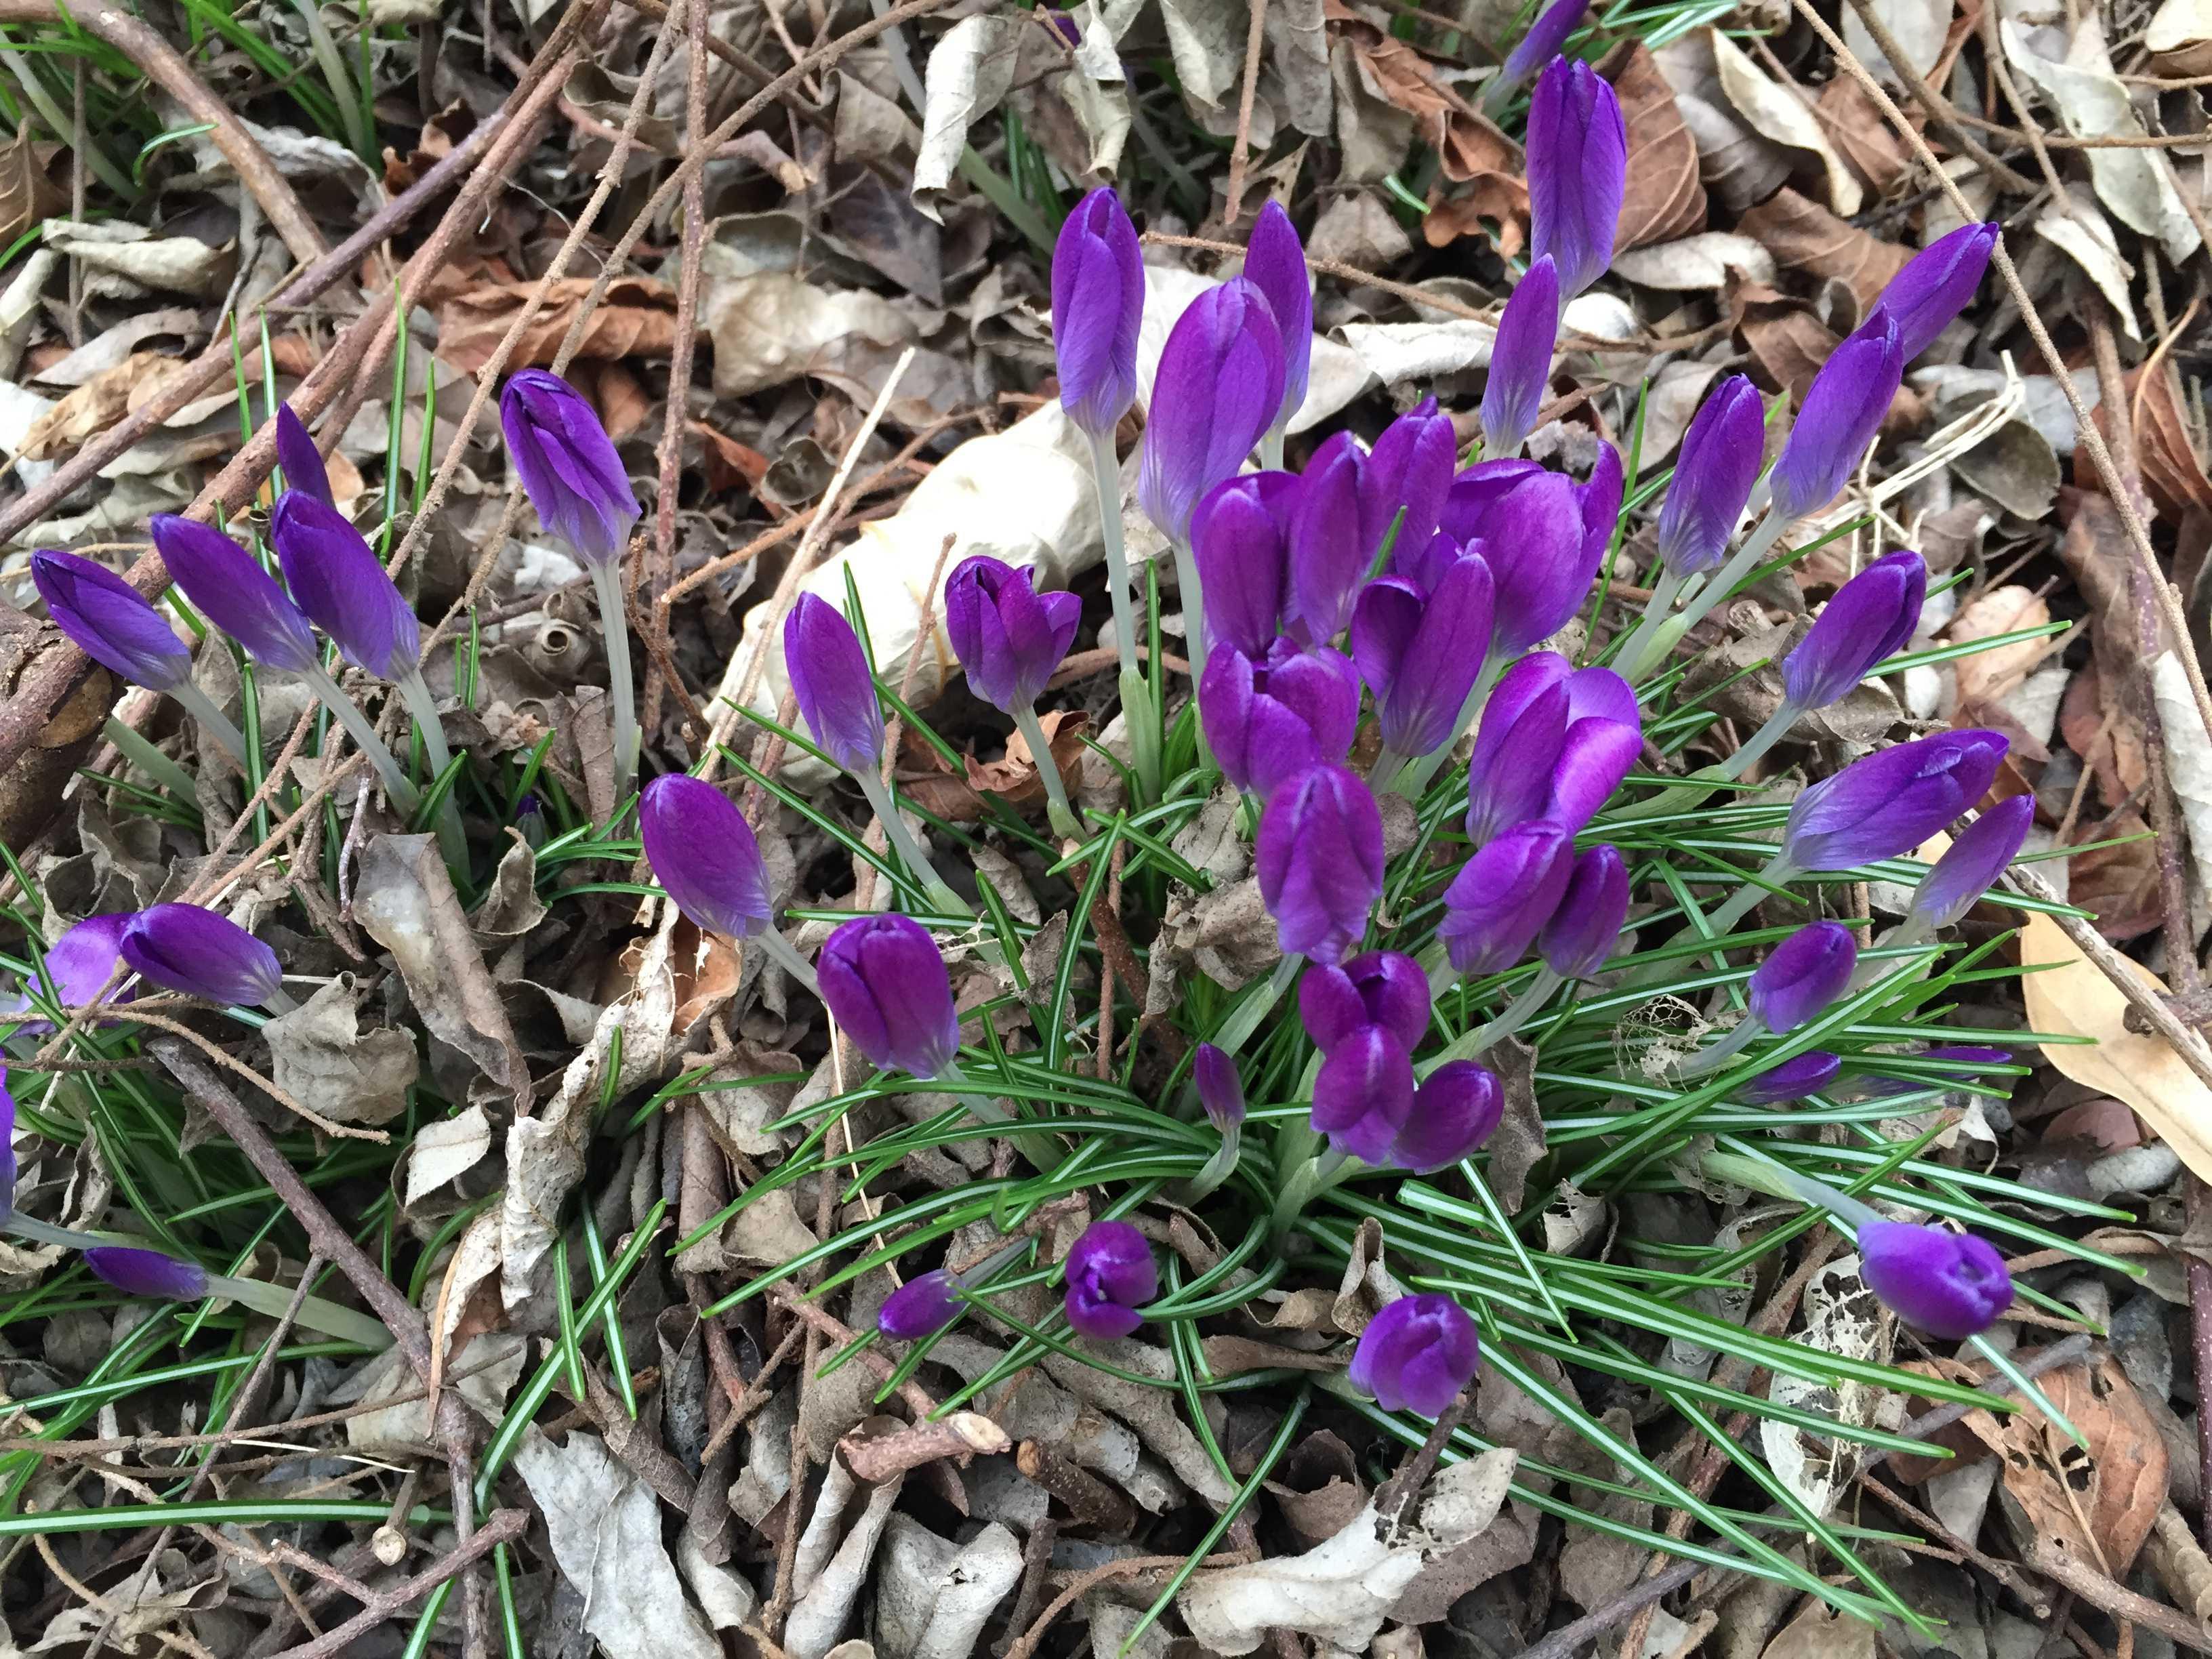 春告げ花 - 紫のクロッカス